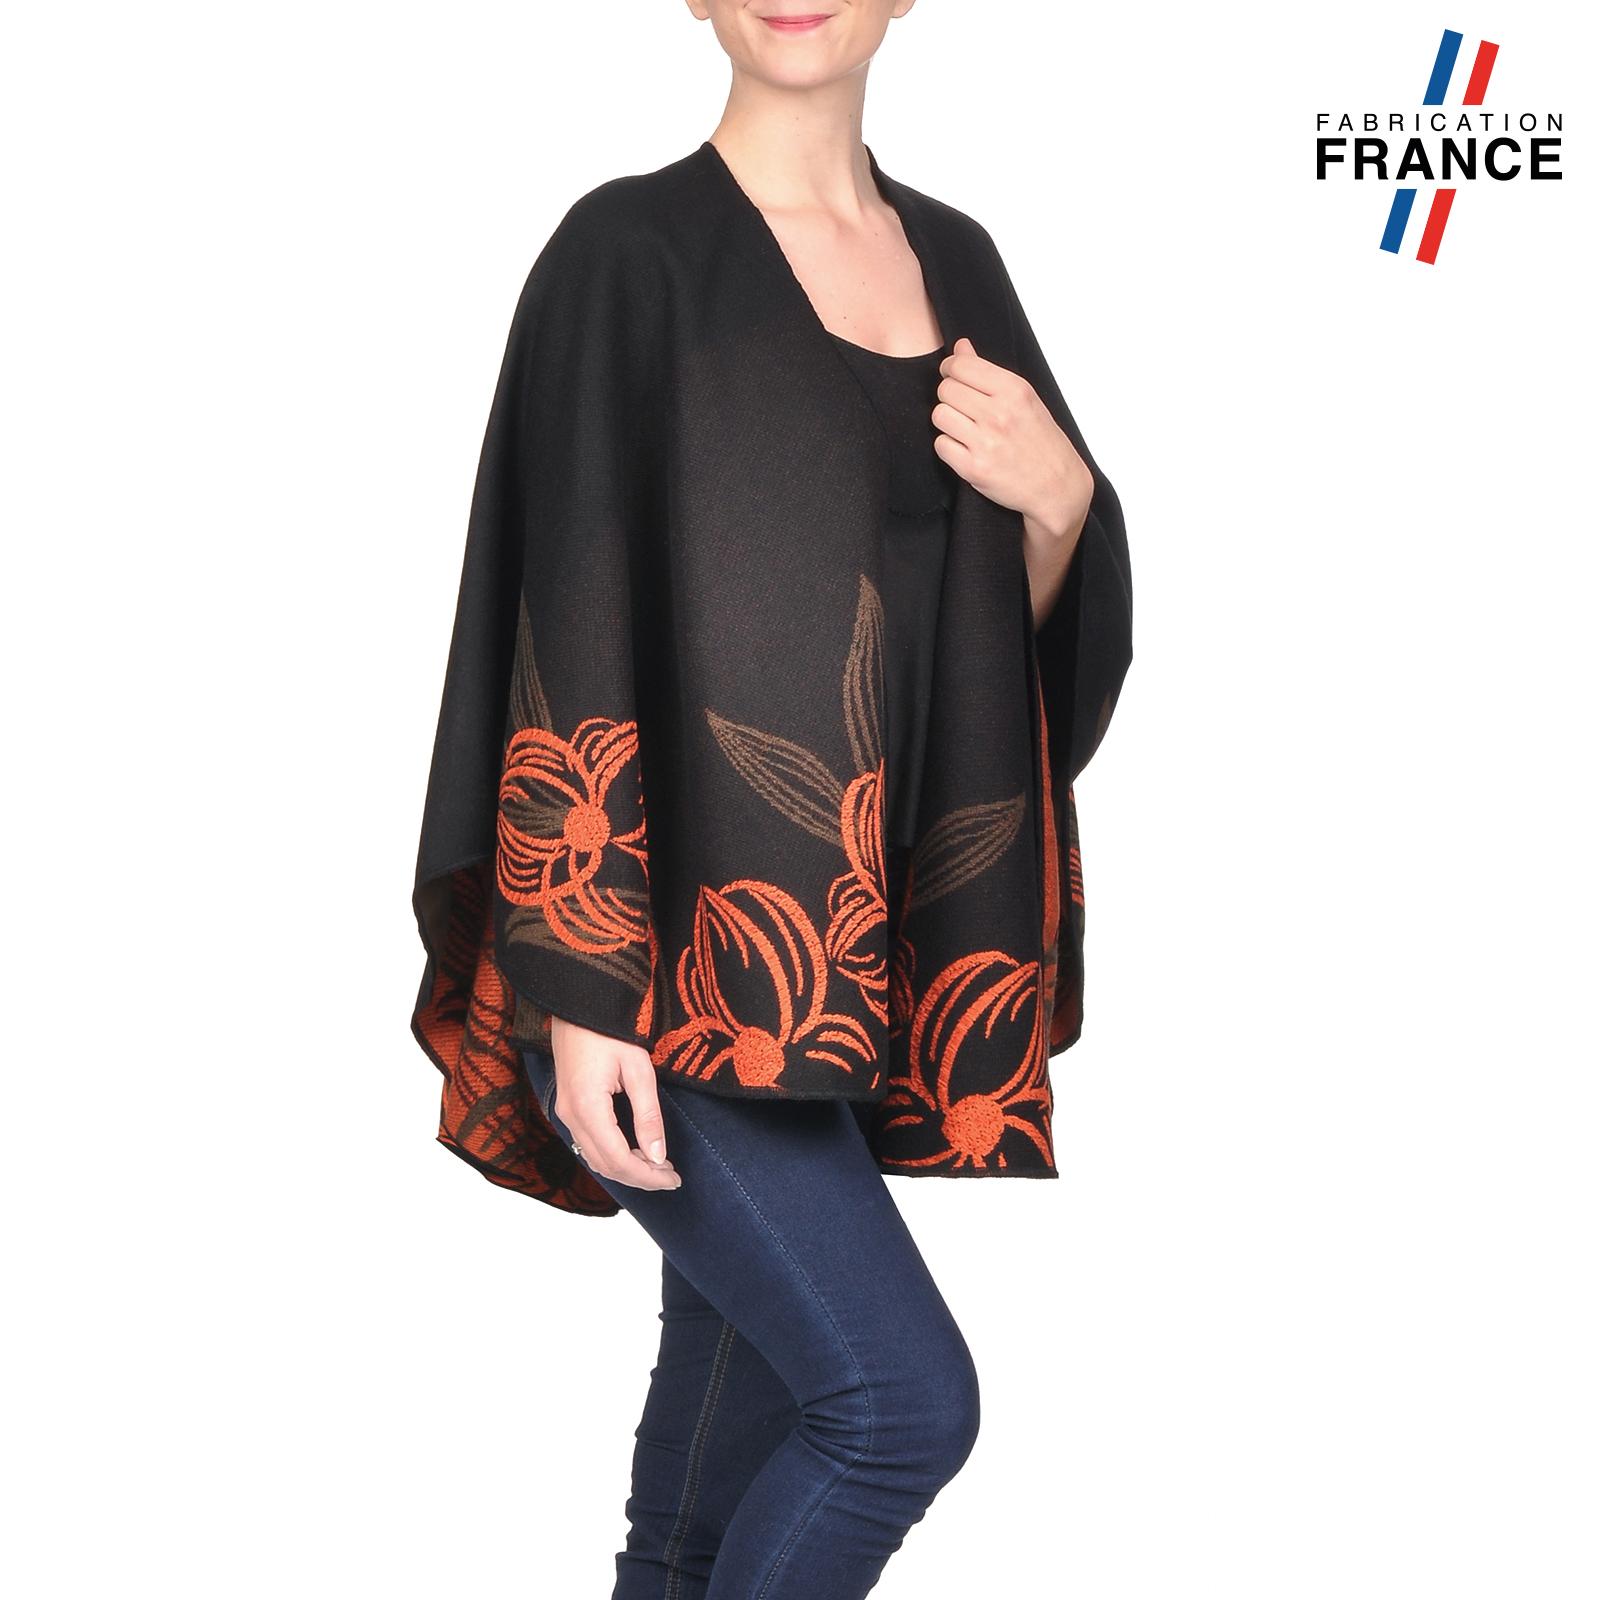 AT-03249-V16-poncho-femme-noir-fleurs-orange-fabrique-en-france